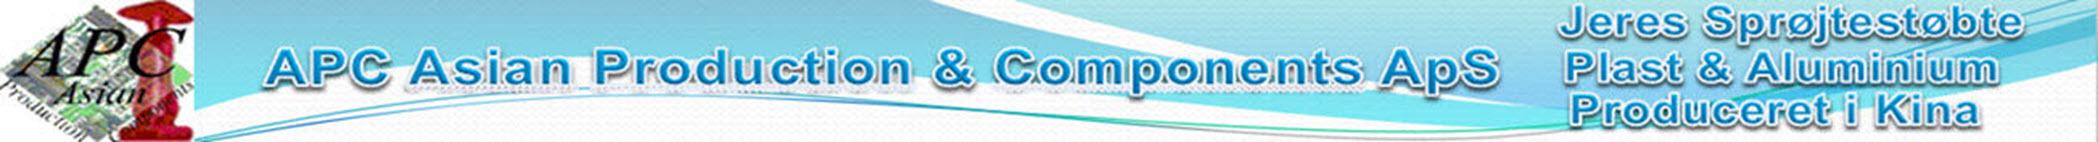 Rotationsstøbning,  Vakuumformning, Sprøjtestøbning af Plastemner